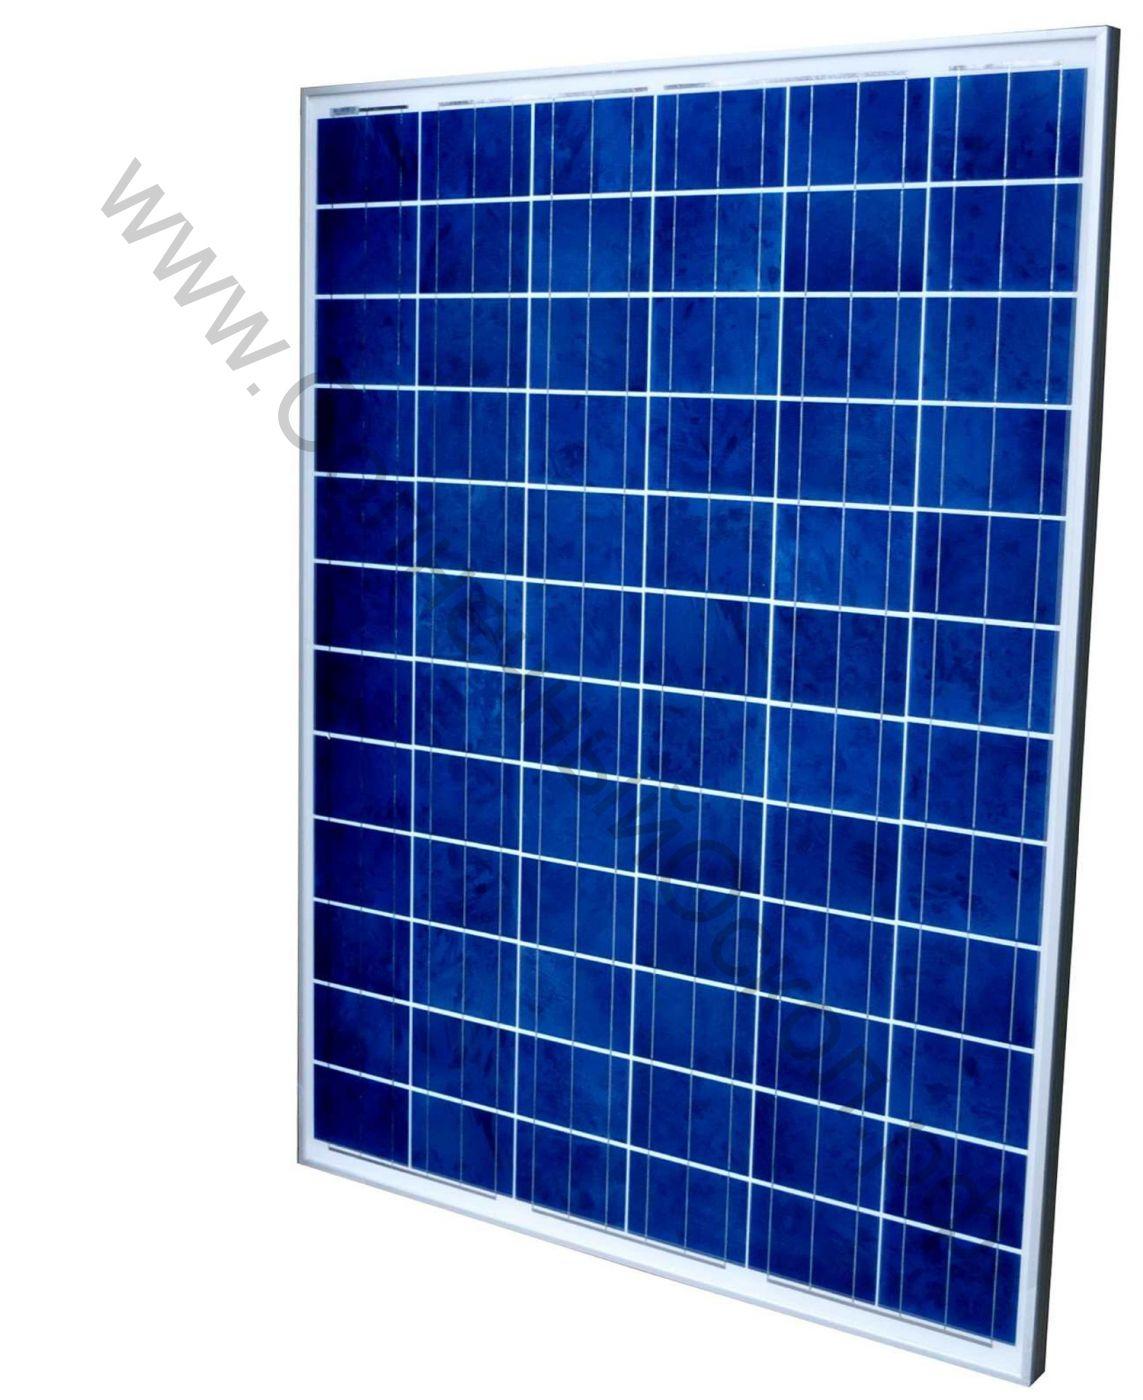 Поликристаллическая солнечная панель WDNY-200P54